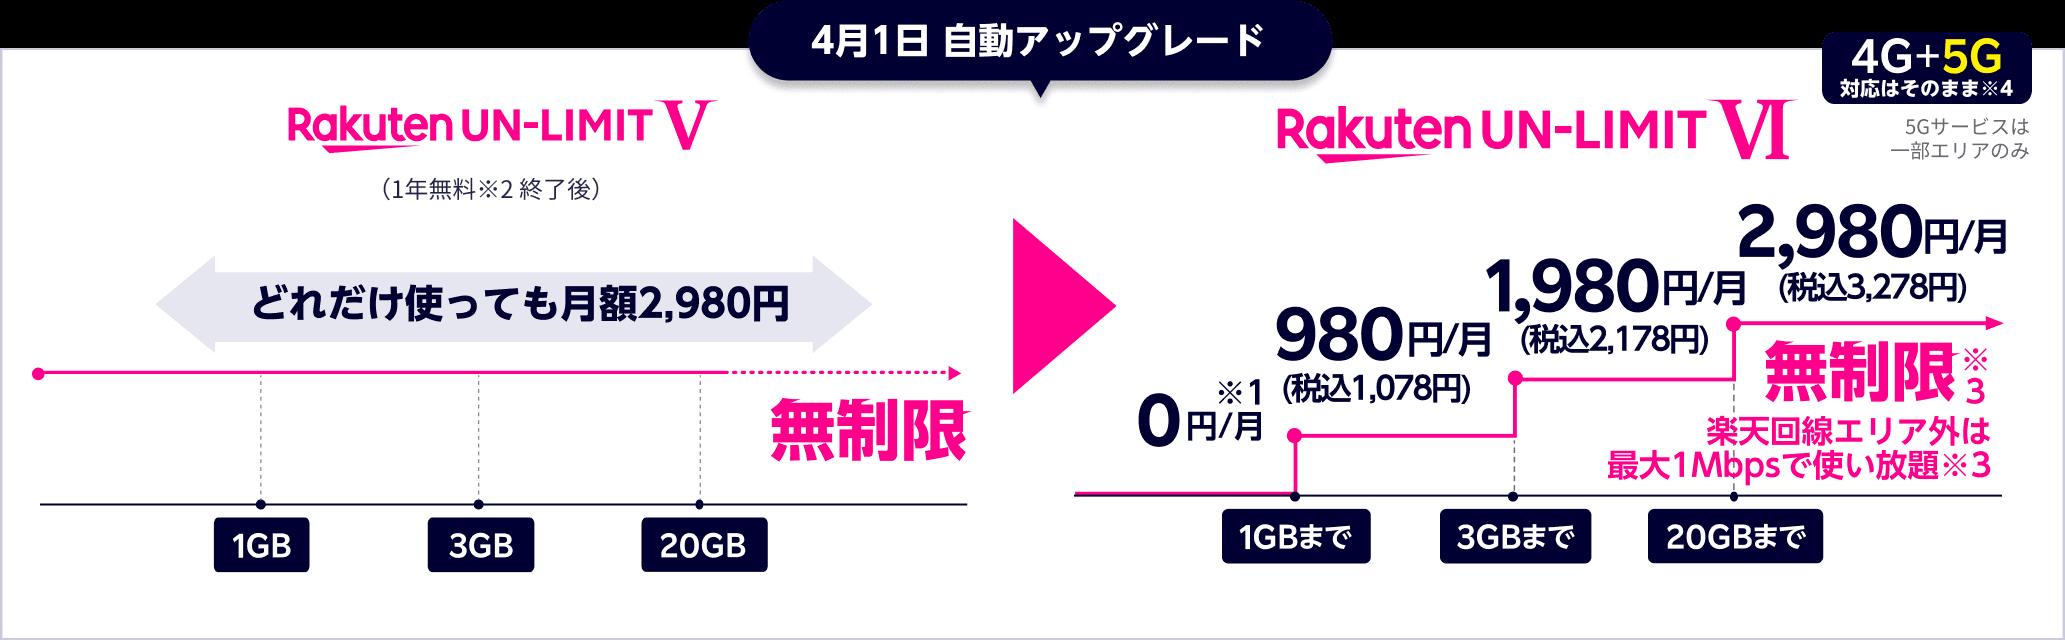 rakuten-mobile-1year-free-hikaku